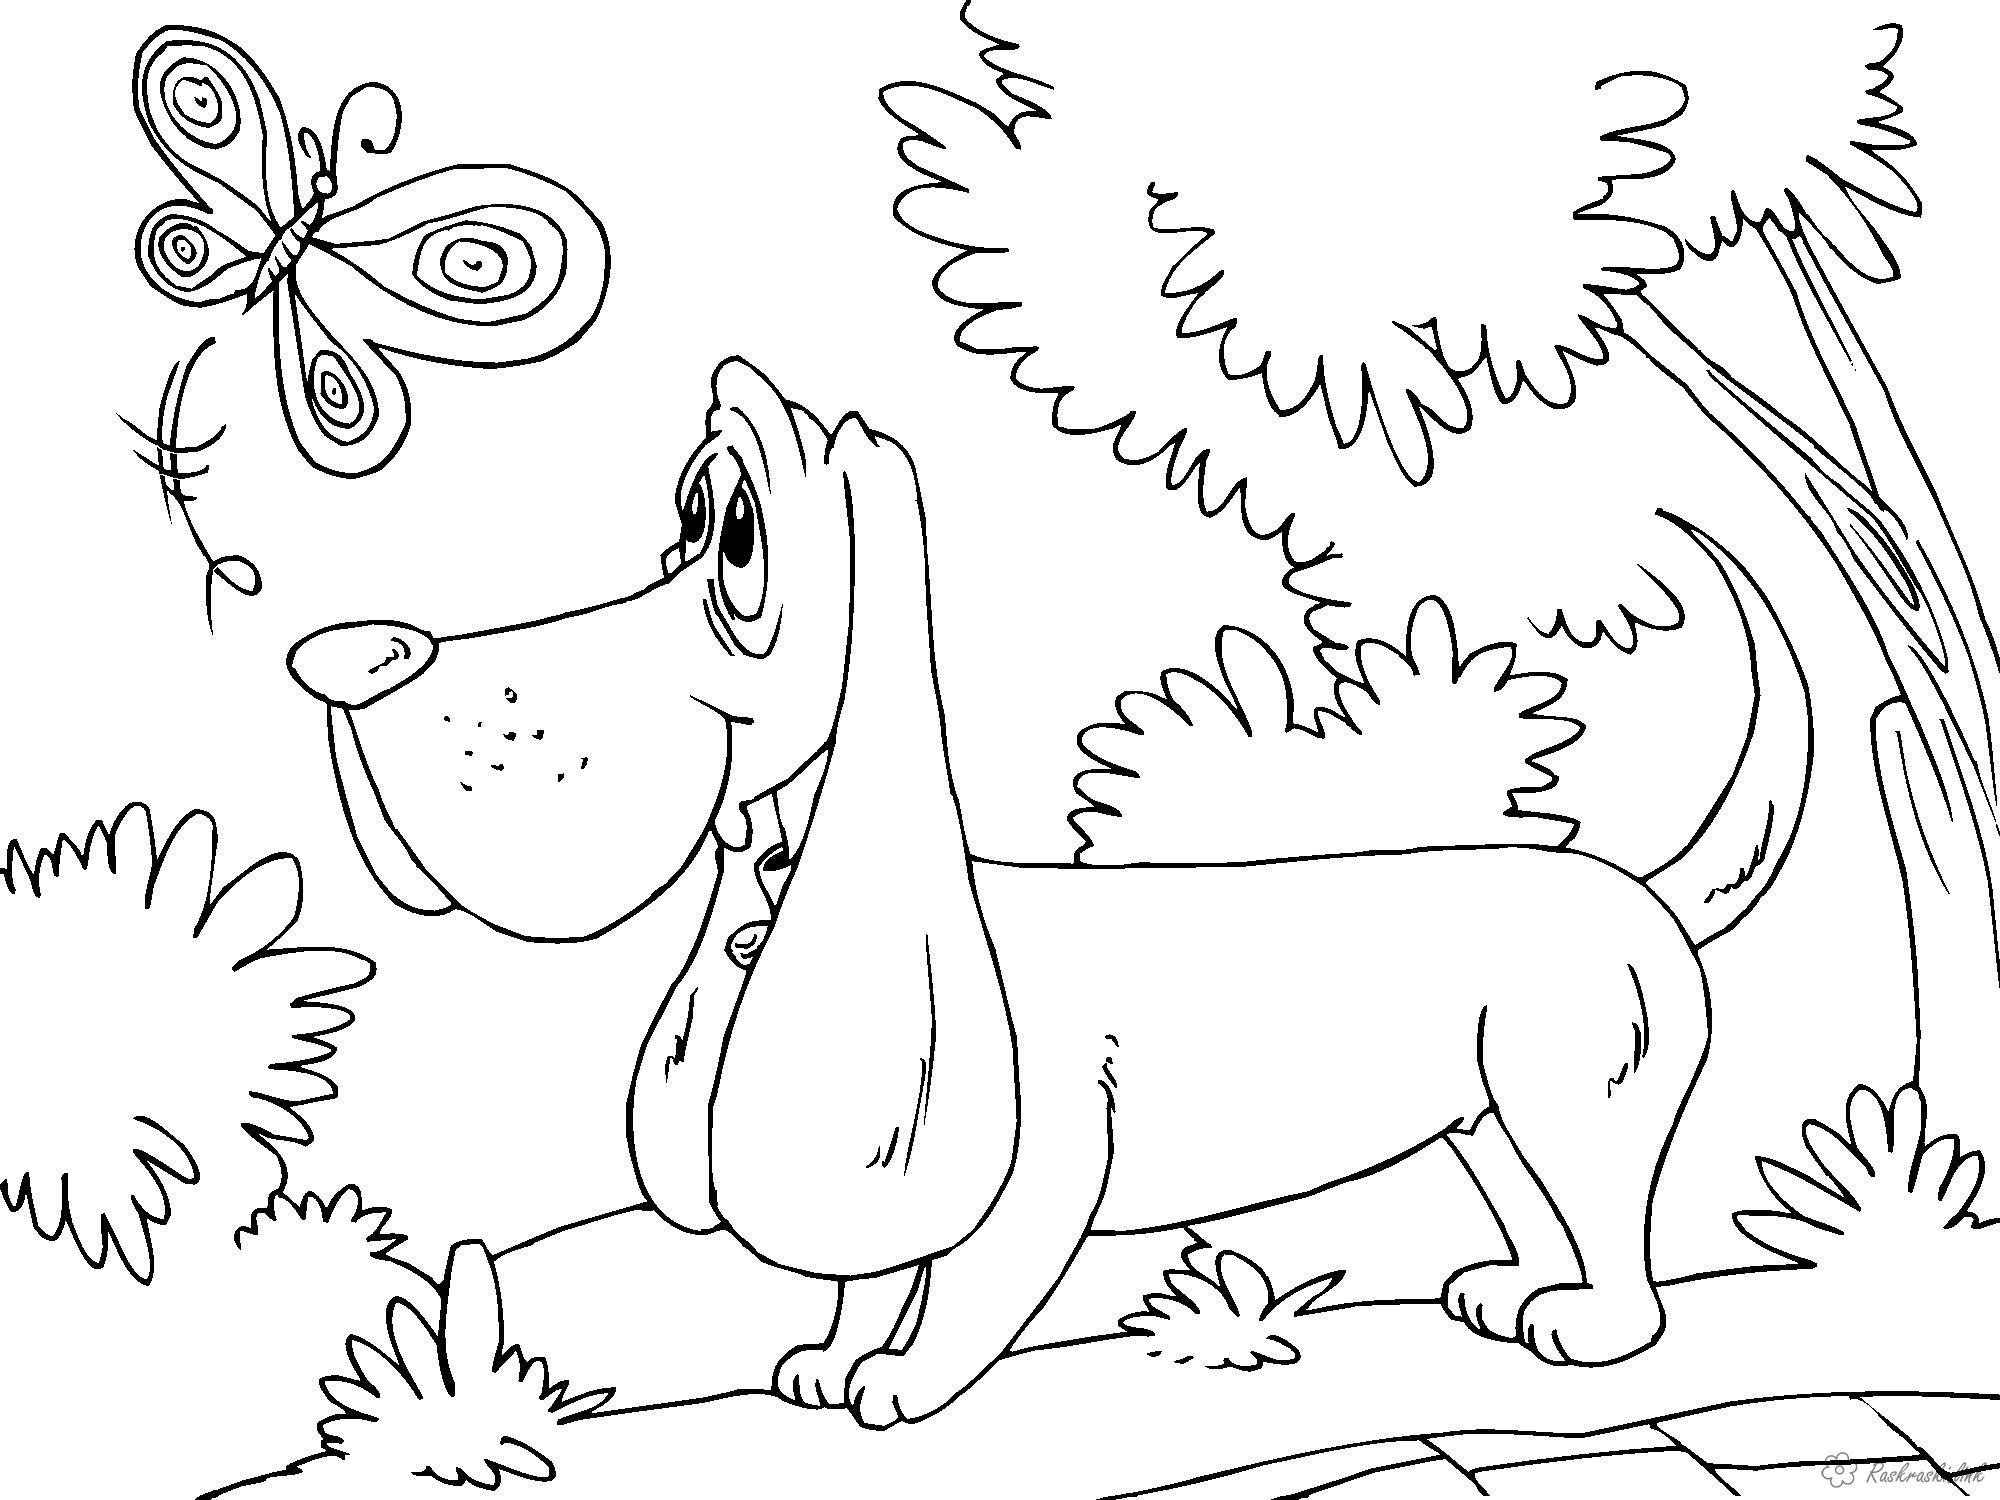 Розмальовки маленька метелик, ліс, такса, дерева, розмальовки для дітей